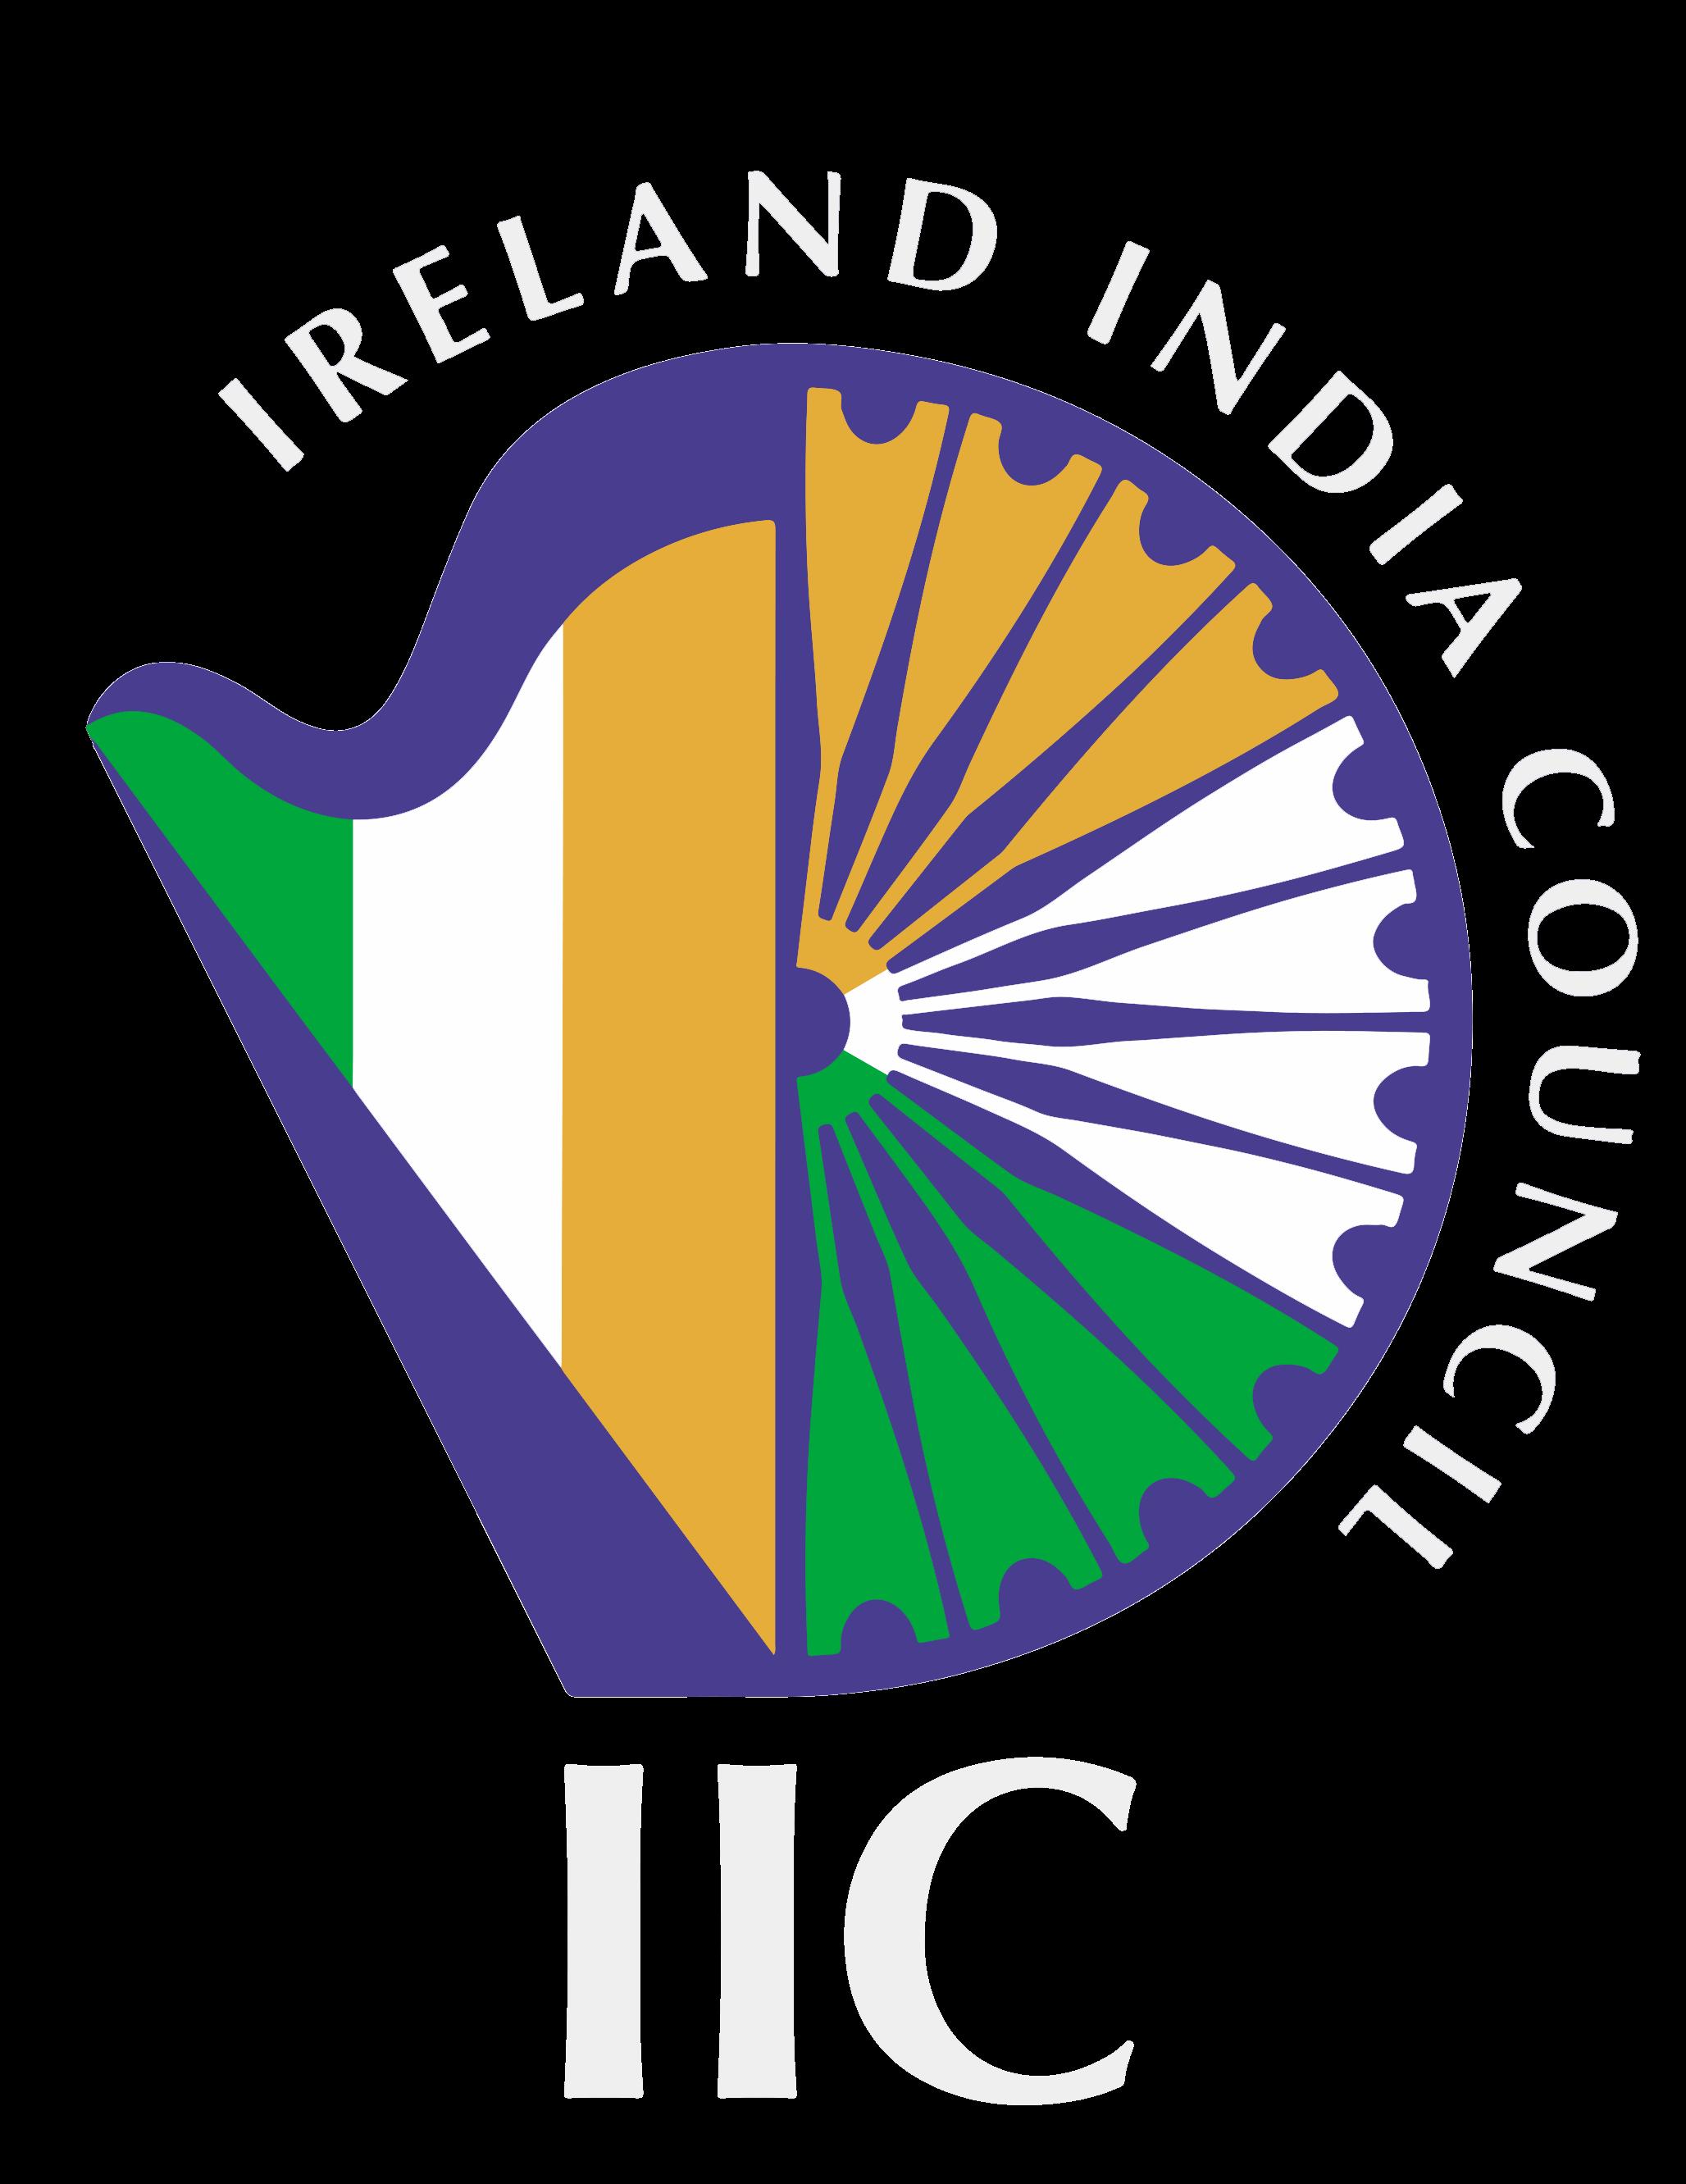 IRELAND INDIA COUNCIL